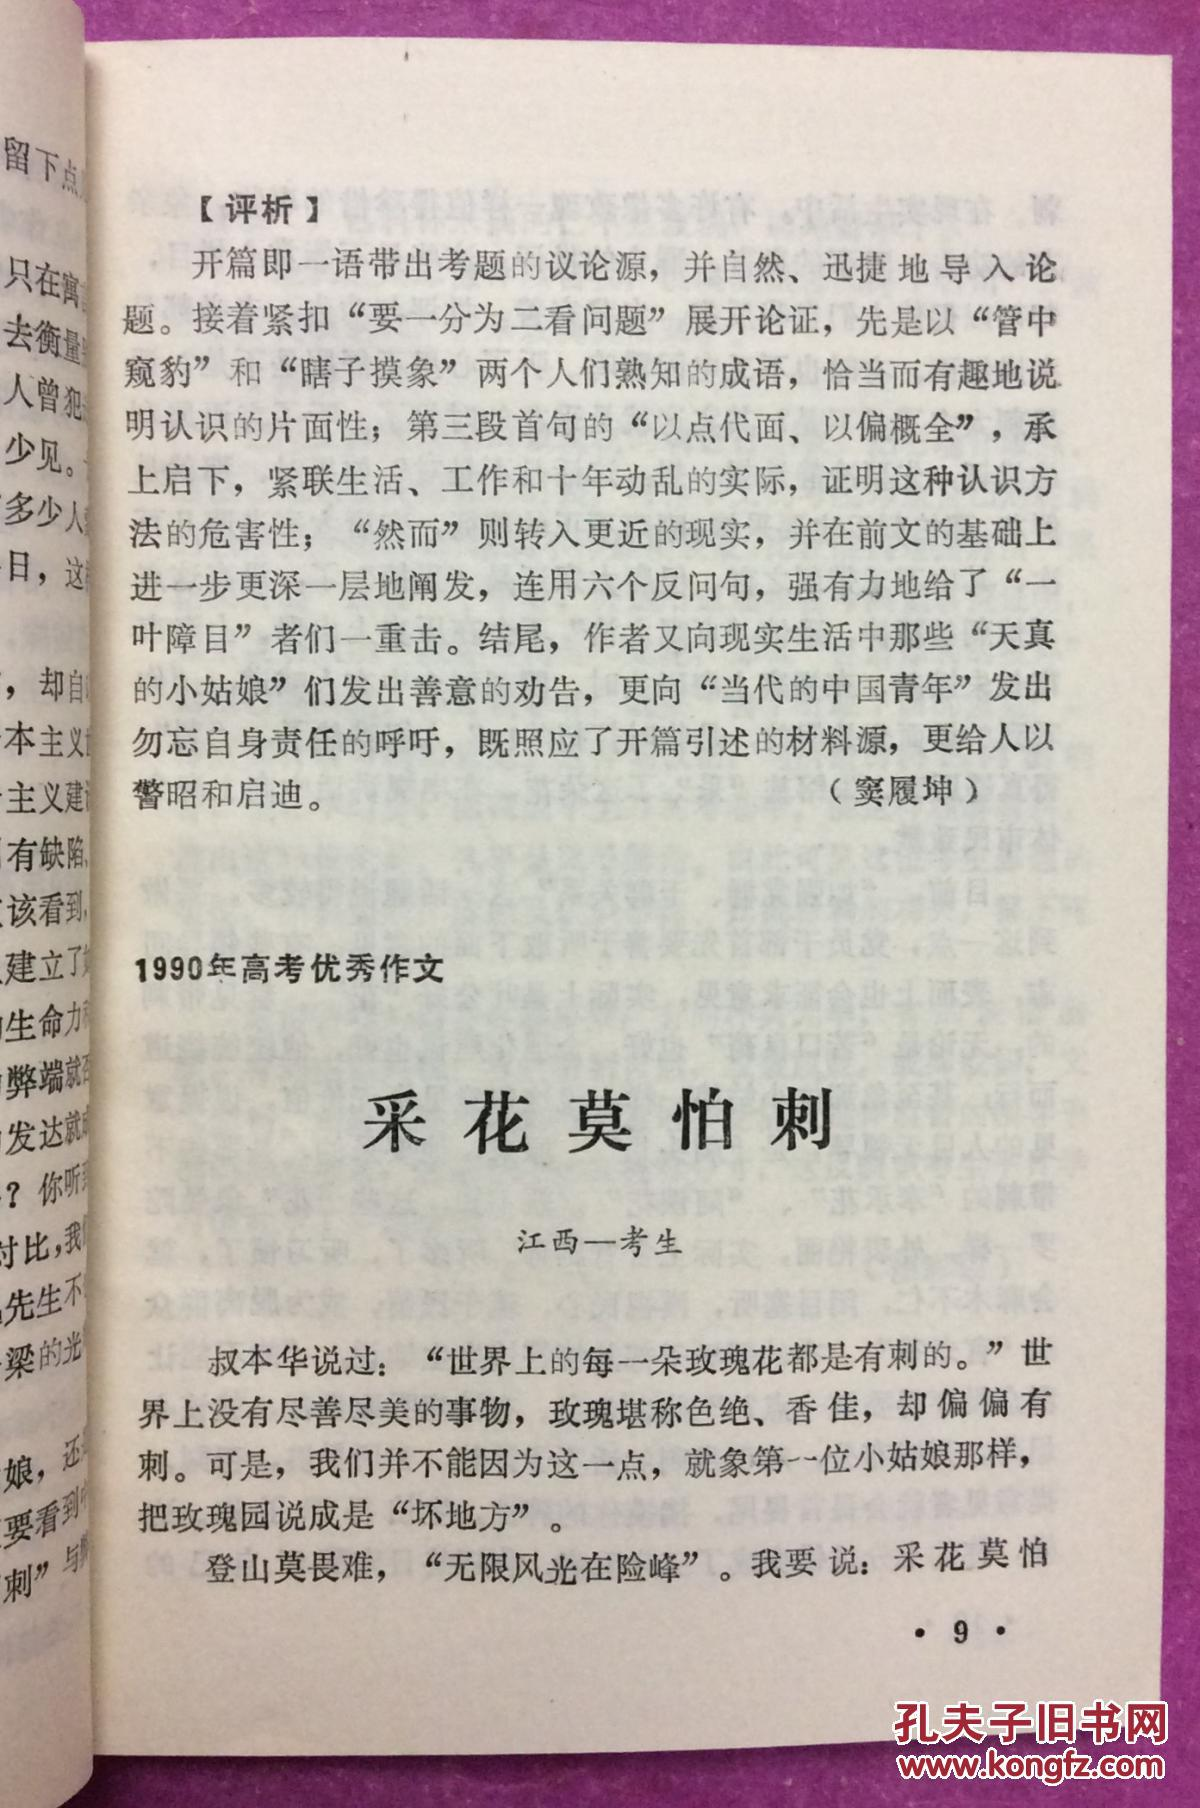 1990年考场作文评析生物全国作文评析:高中升学(1991年,量少)命题v考场苏教版高中图片